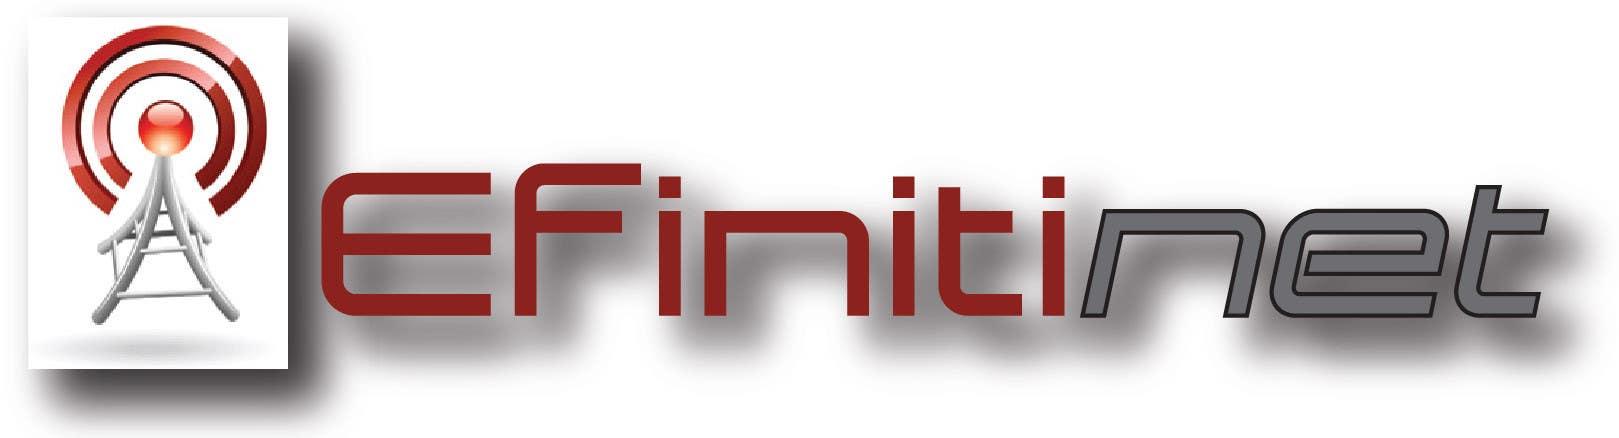 Konkurrenceindlæg #                                        3                                      for                                         Design Logo For New Start Up Company Efinitinet